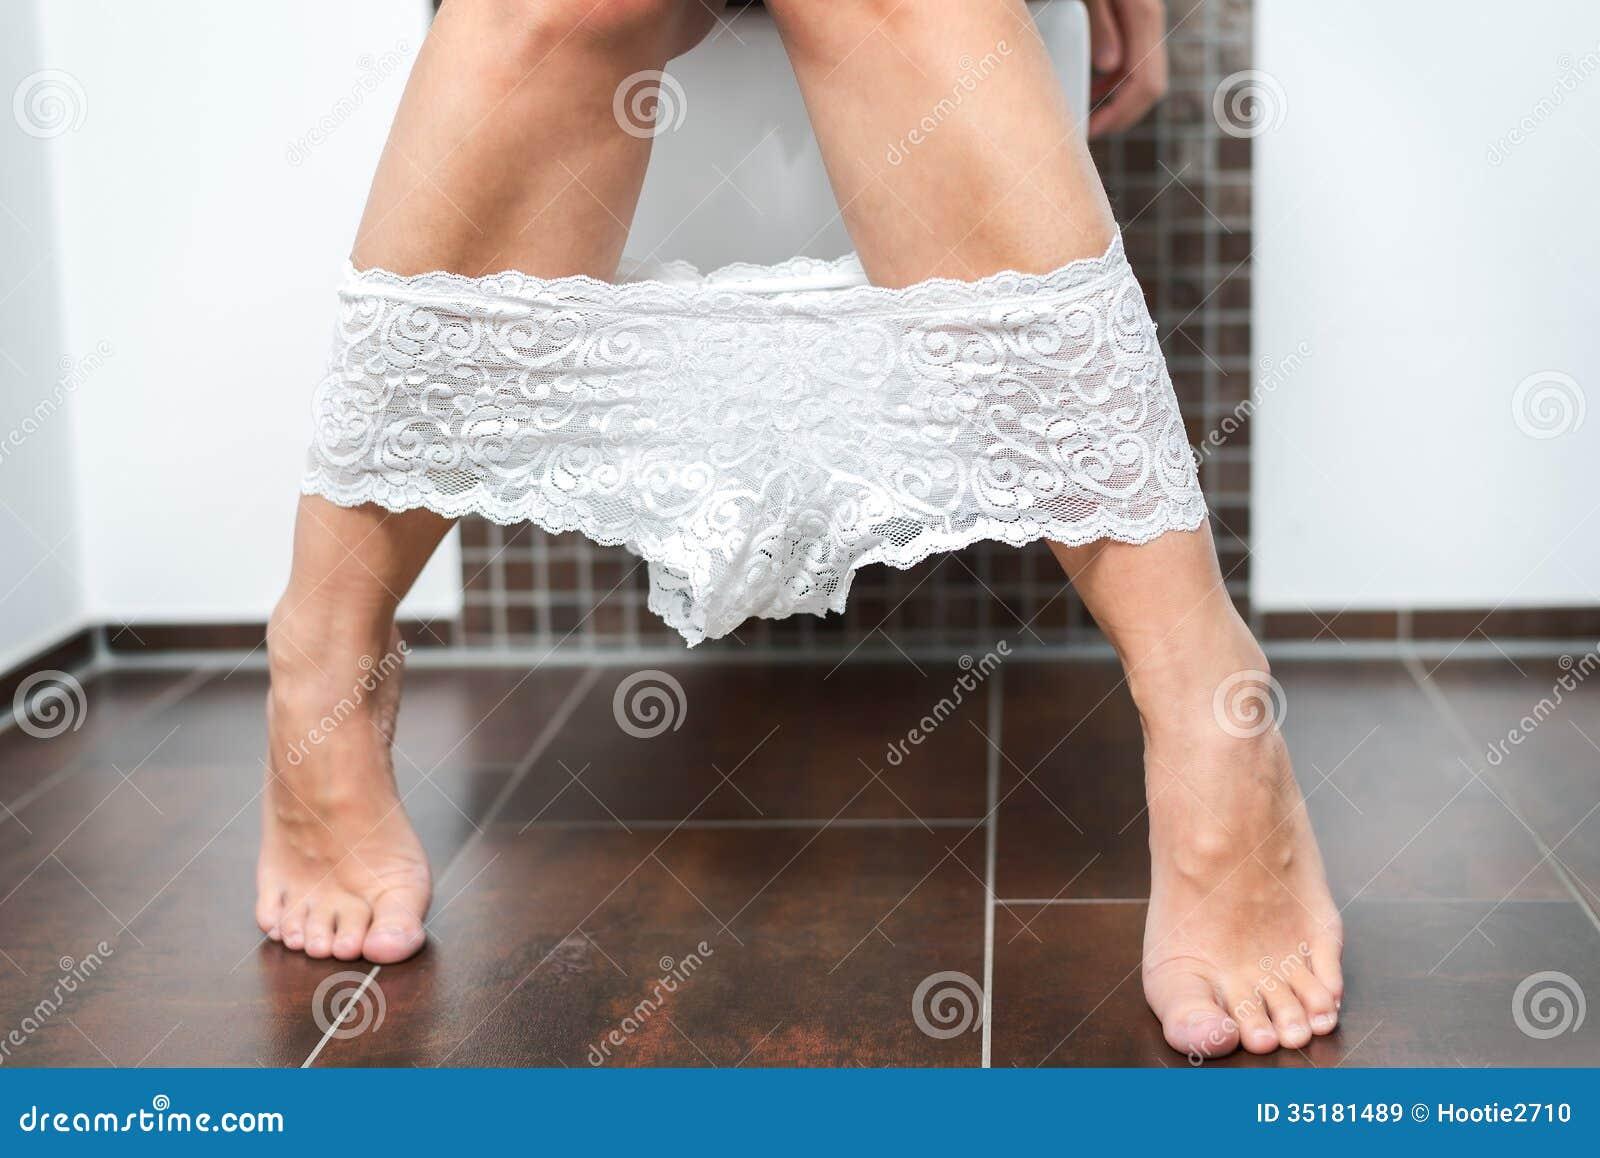 Что у женщин под трусами фото 426-748